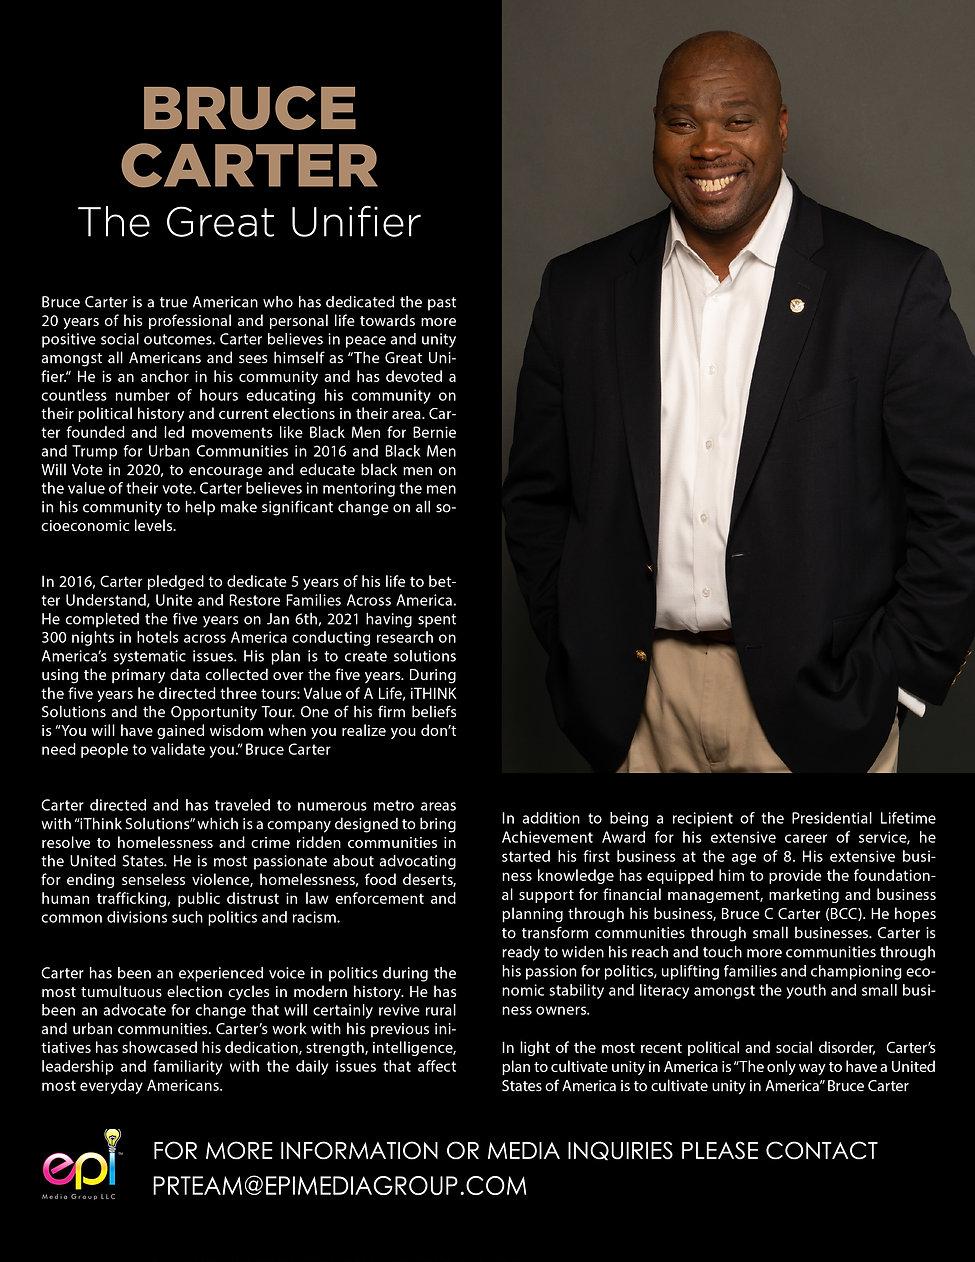 Bruce The Great Unifer Carter.jpg